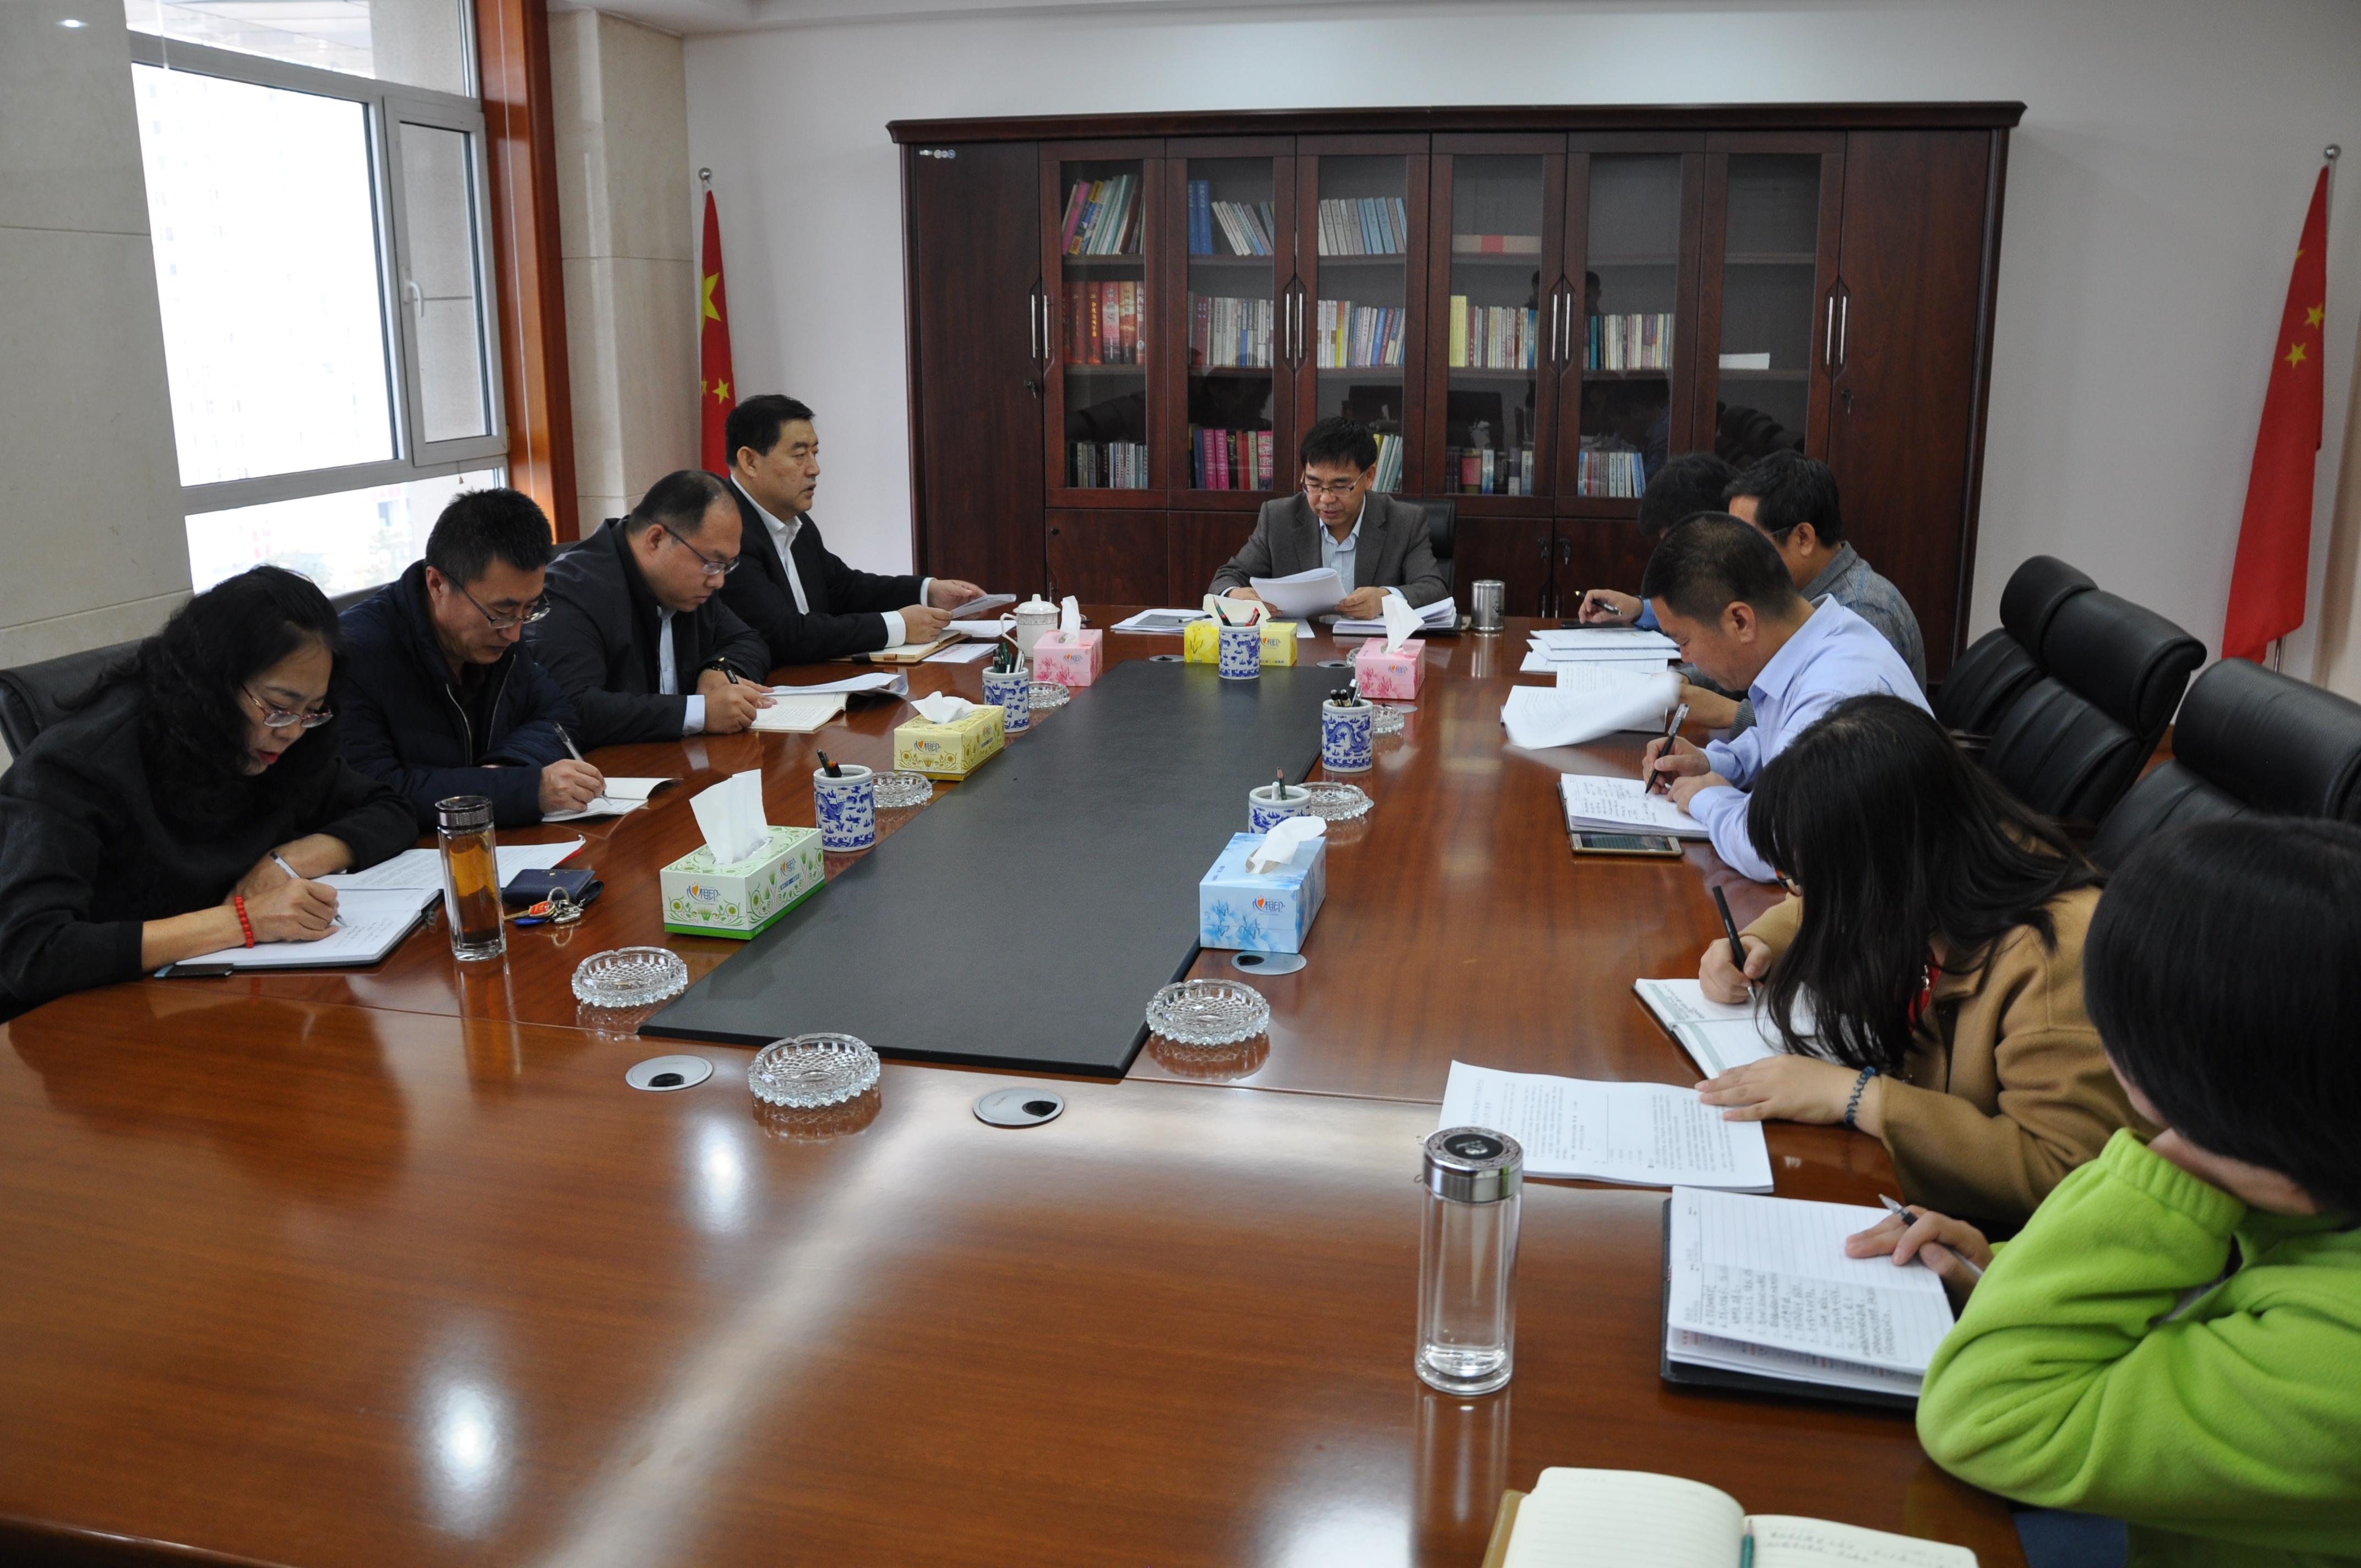 朔州市审计局各党支部深入学习宣传党的十九大精神